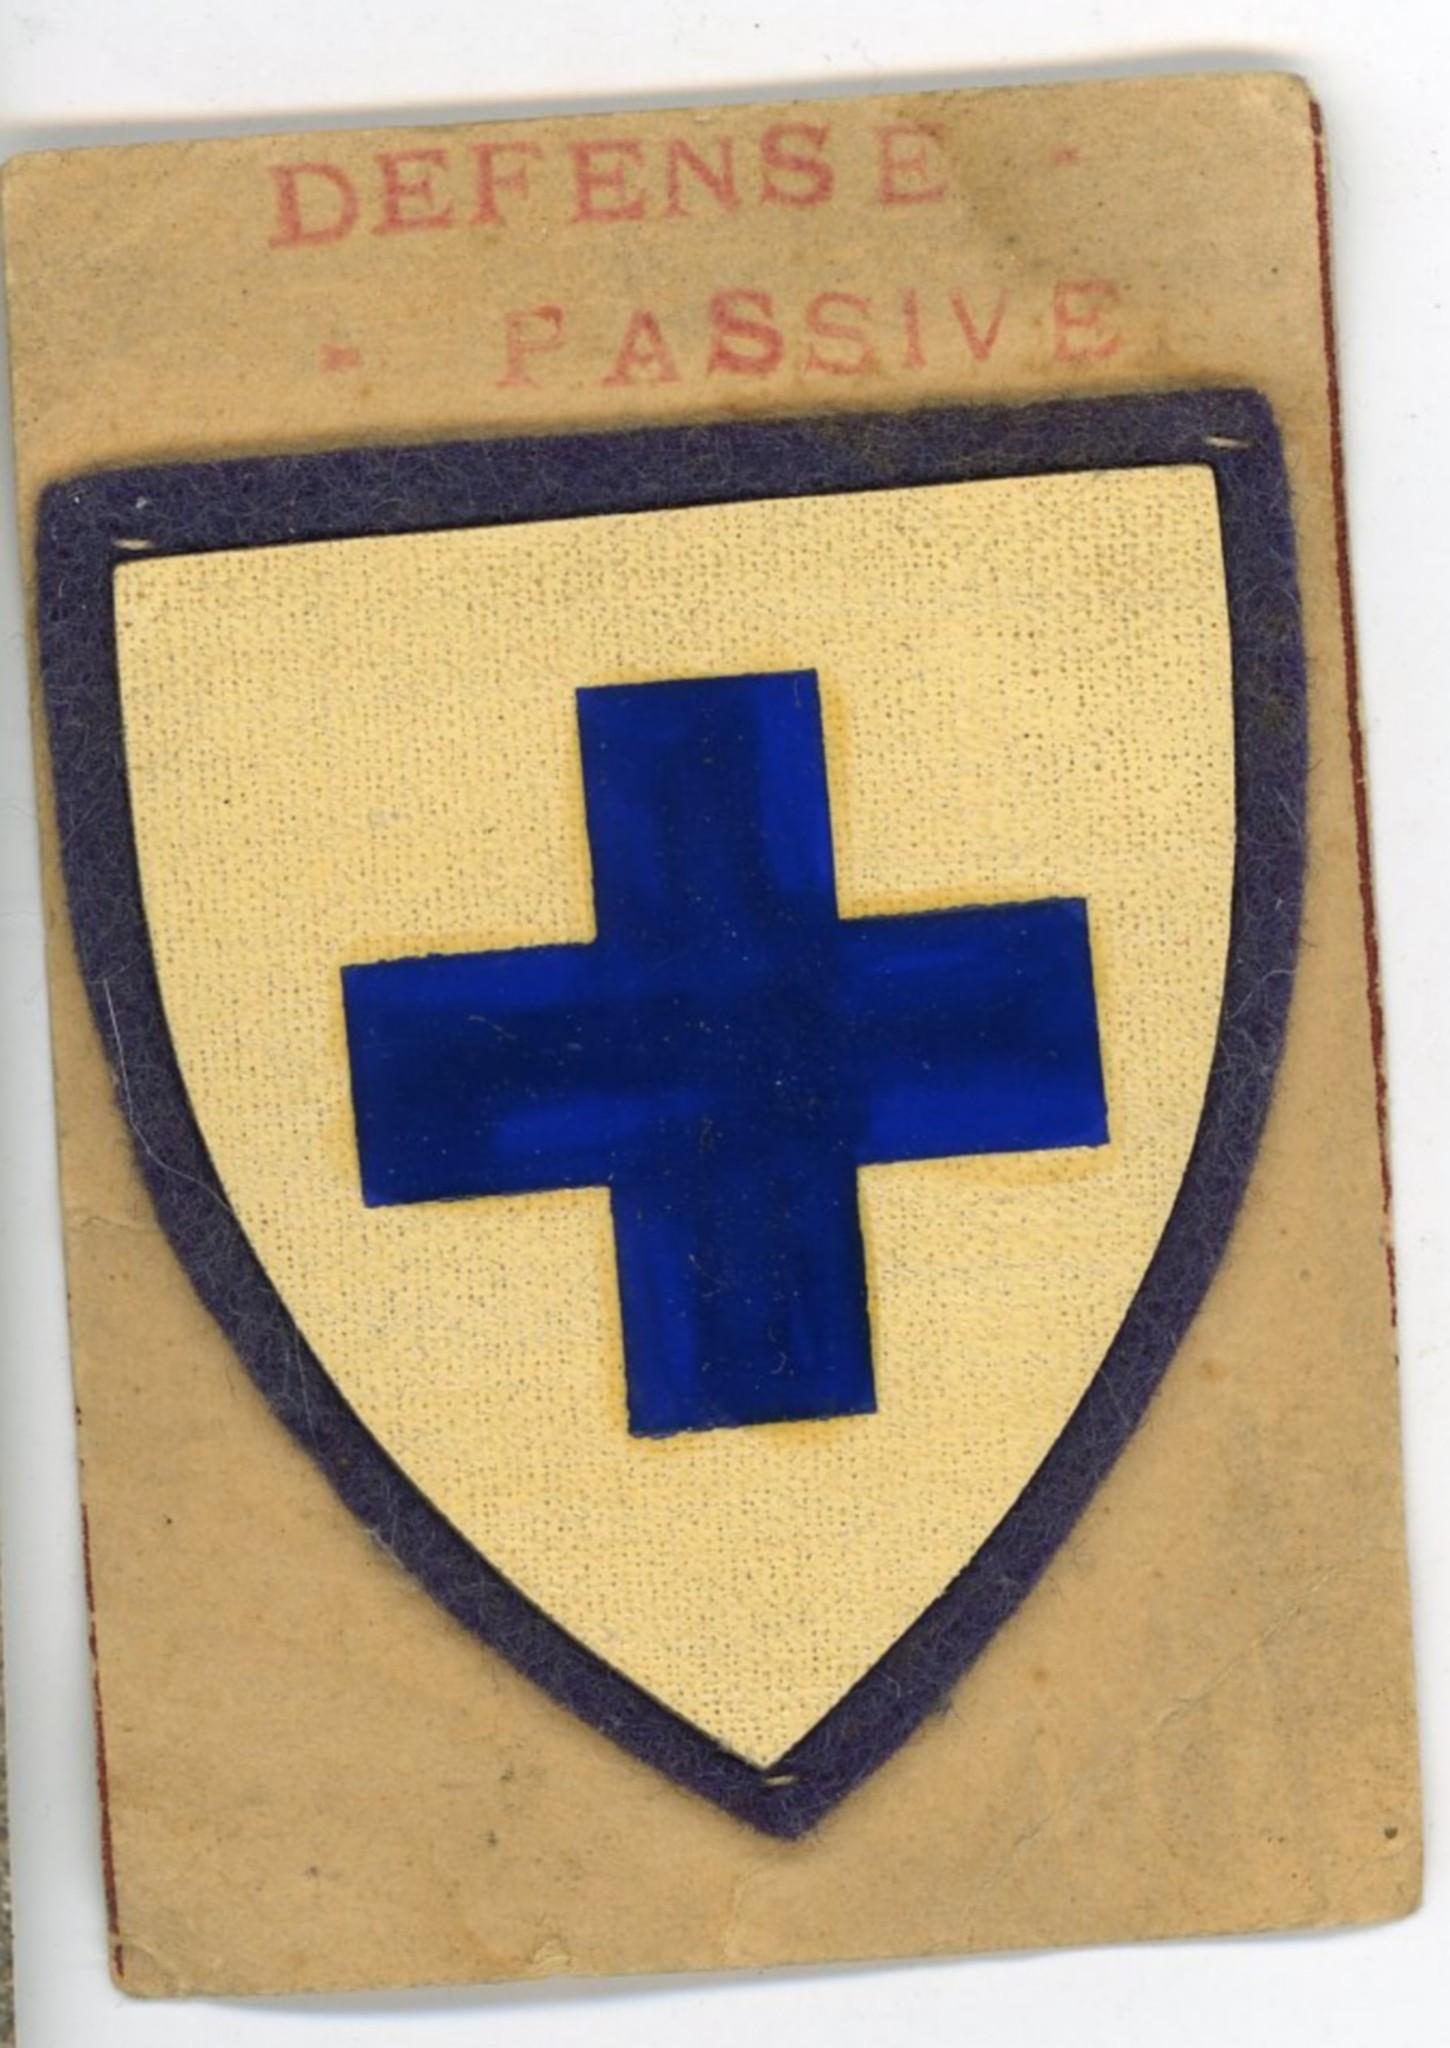 La défense passive - Page 2 35jmfyv